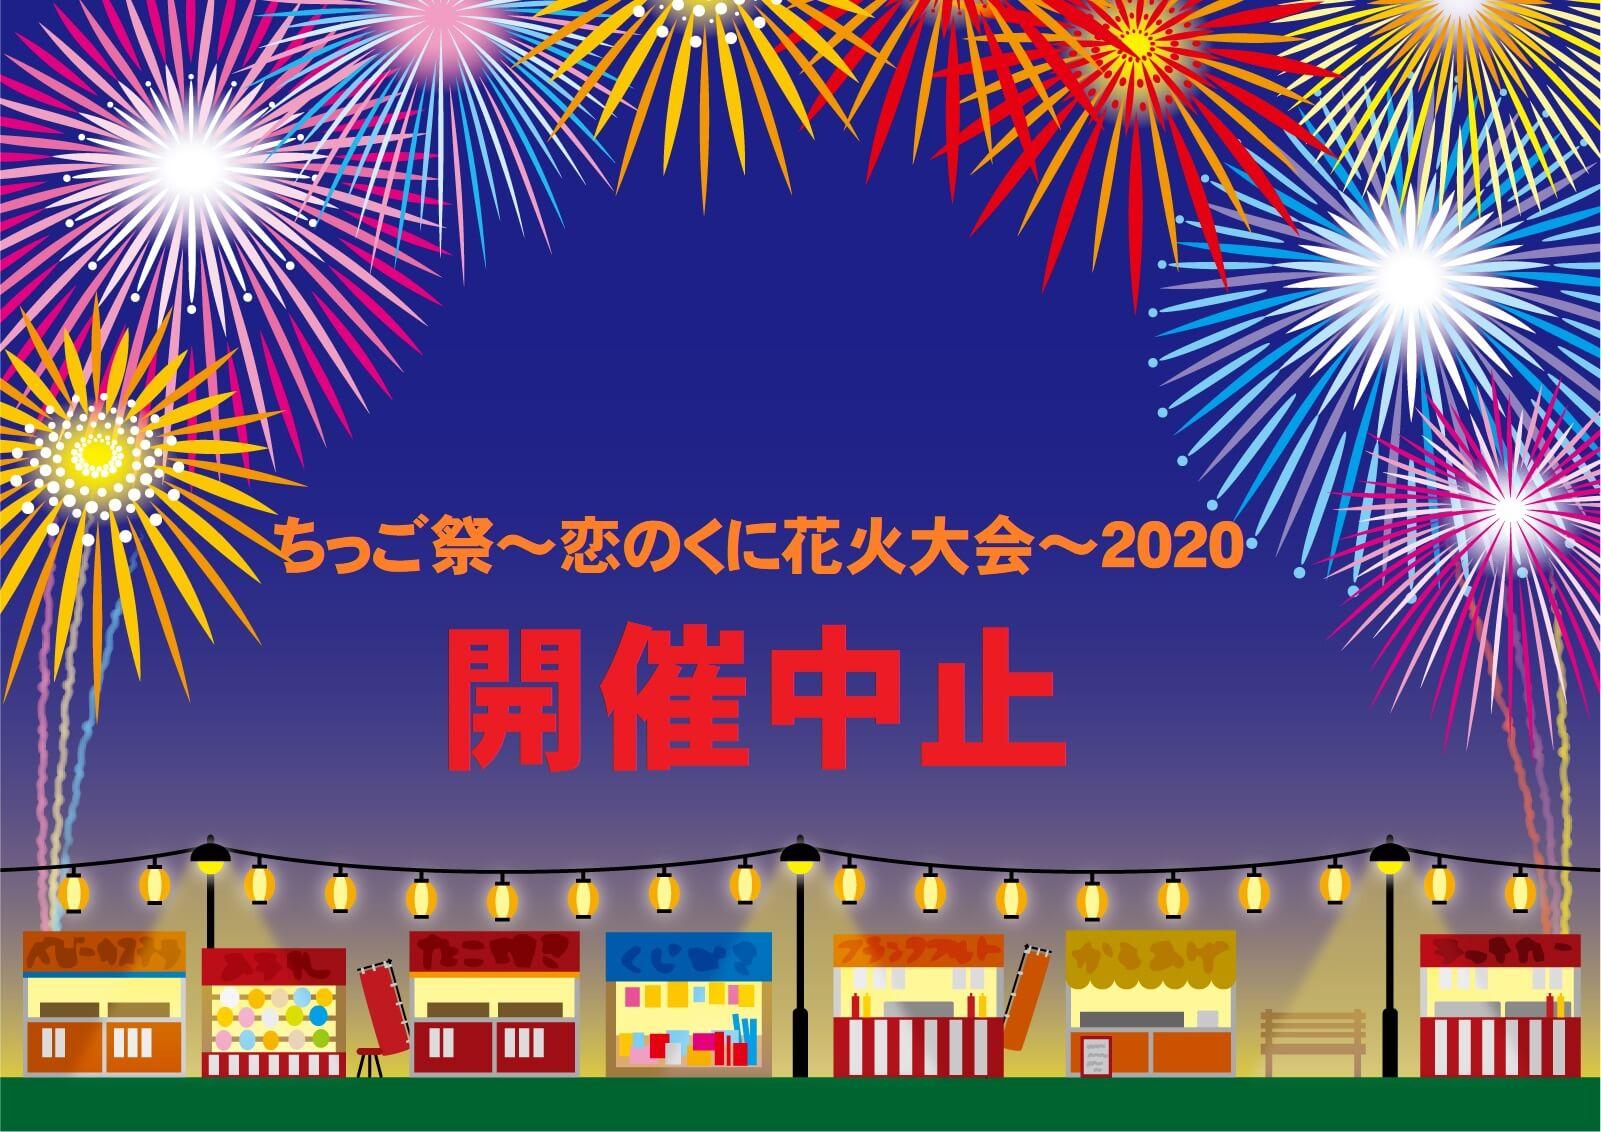 【筑後市】ちっご祭〜恋のくに花火大会〜2020が開催中止に